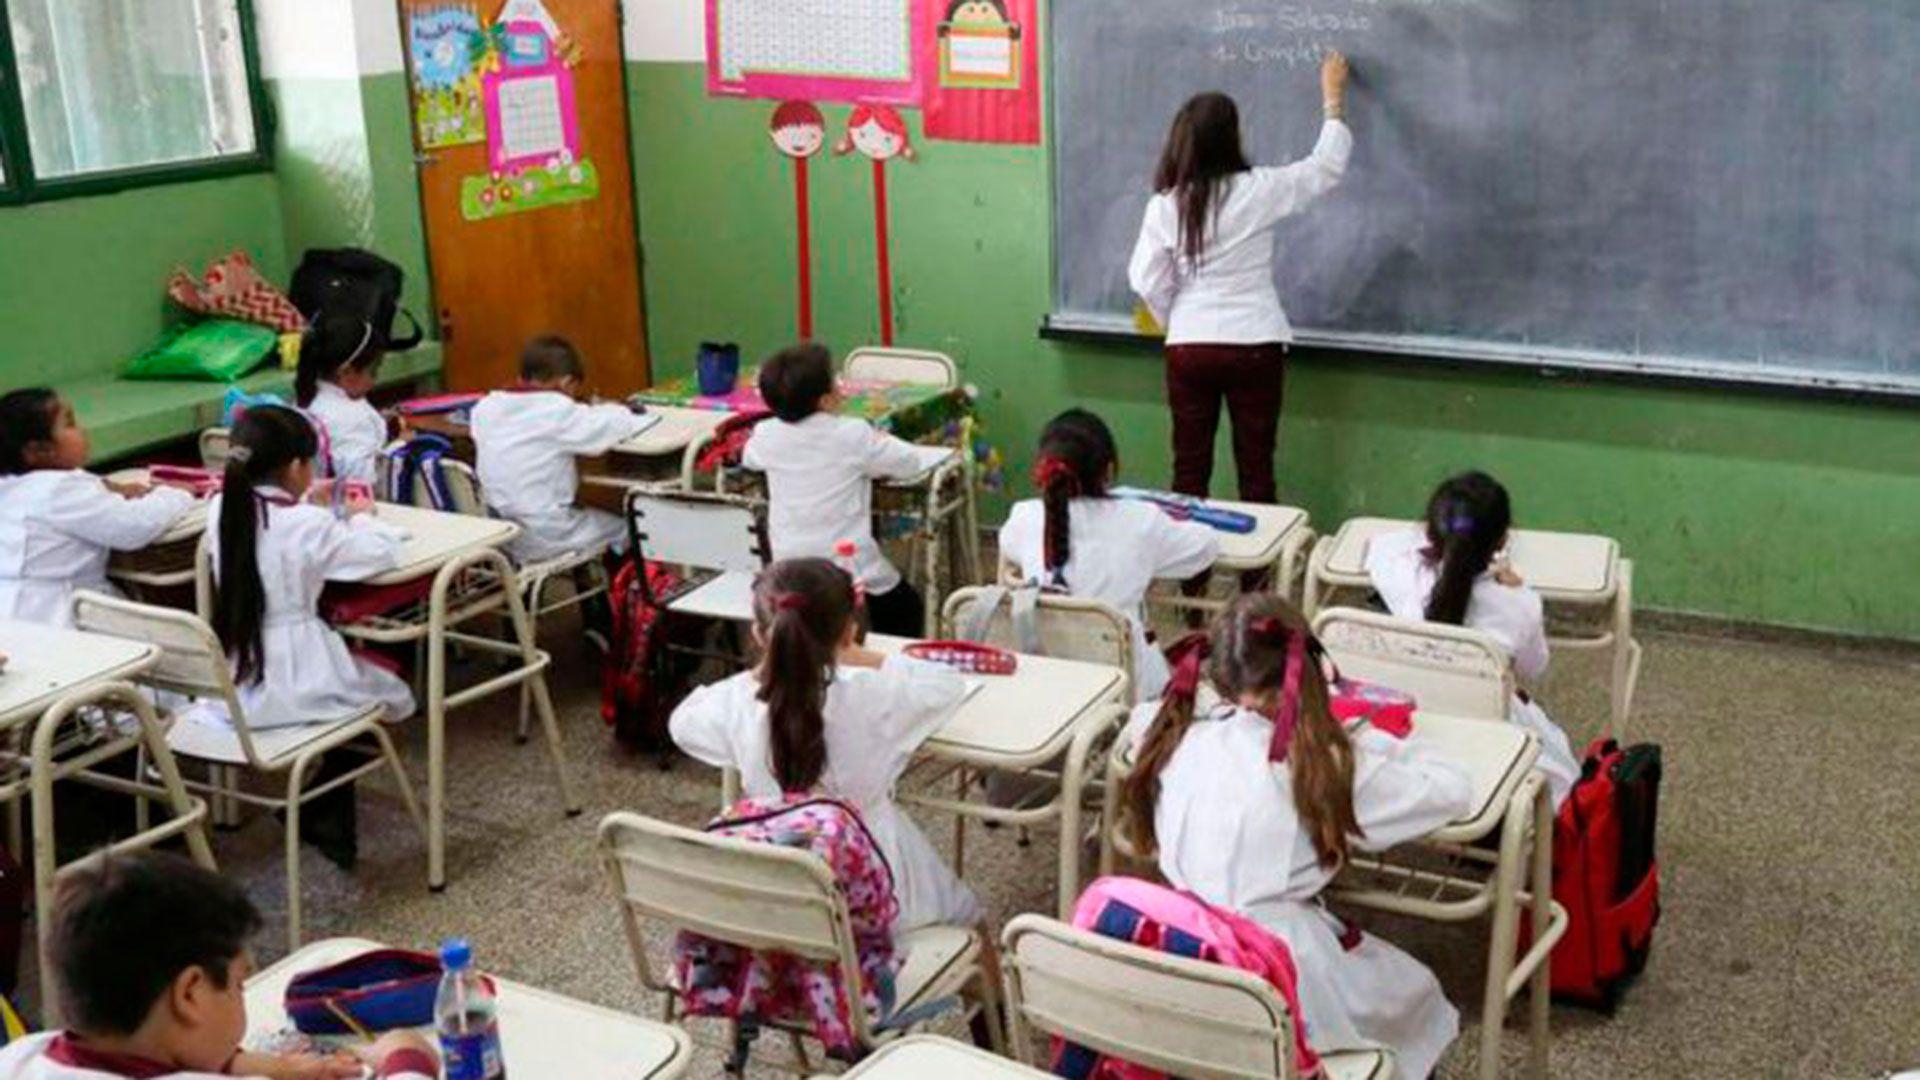 El retorno a las aulas dependerá de la situación epidemiológica que la Ciudad atraviese en ese momento